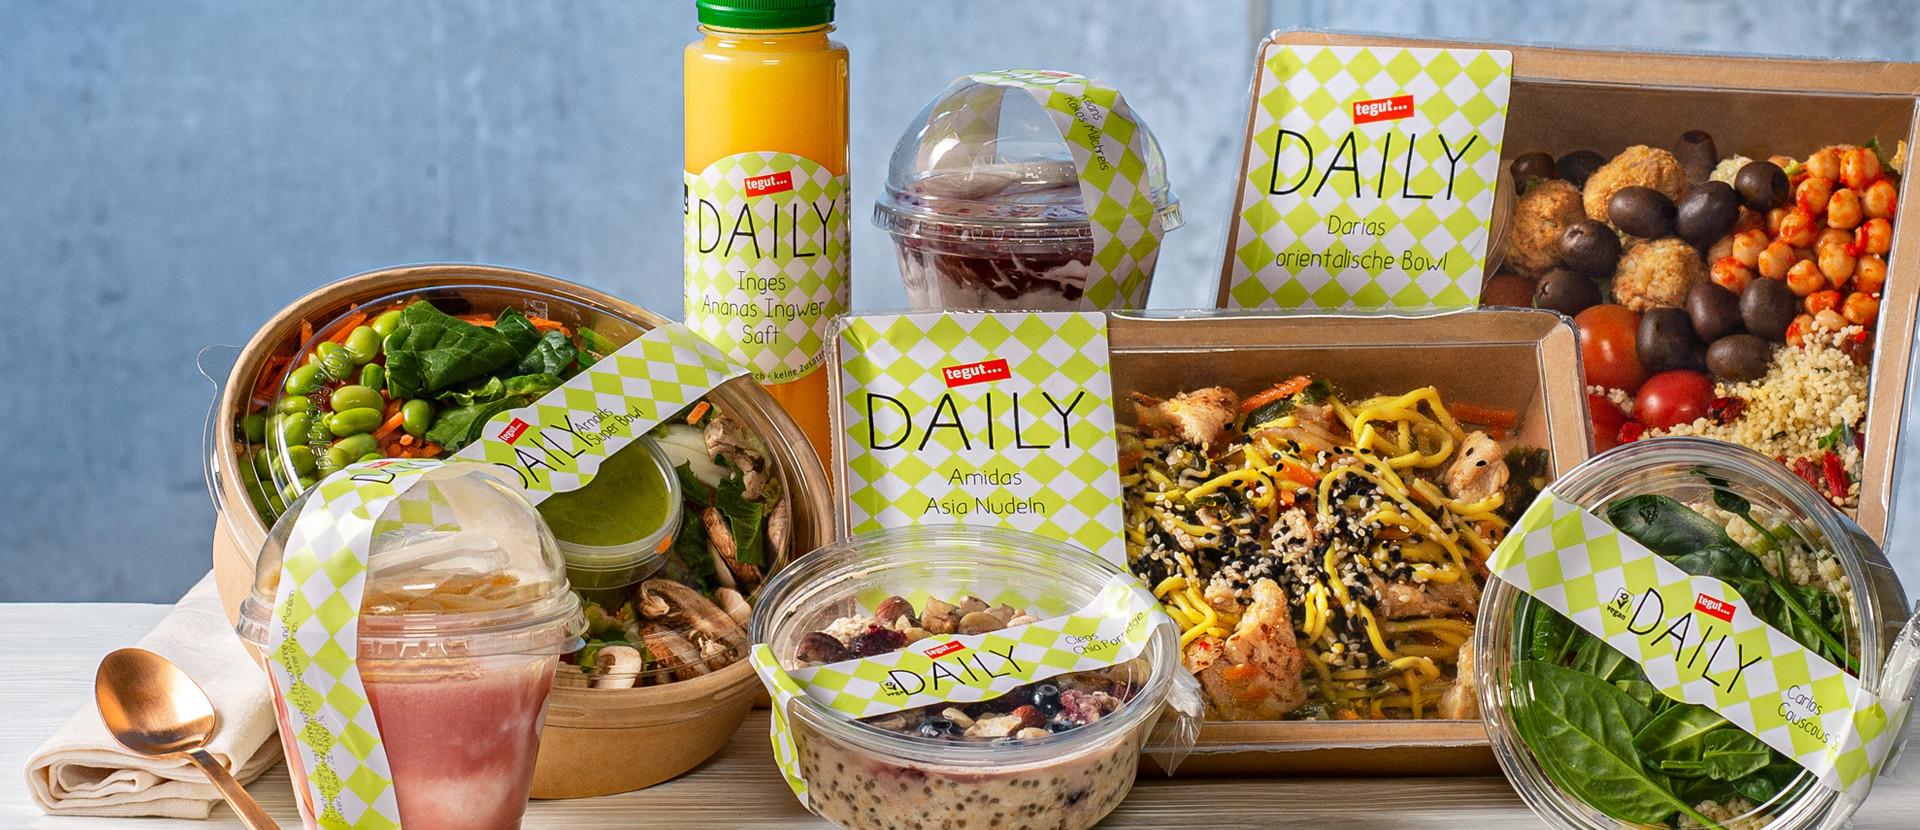 verschiedene tegut Daily Produkte nebeneinander